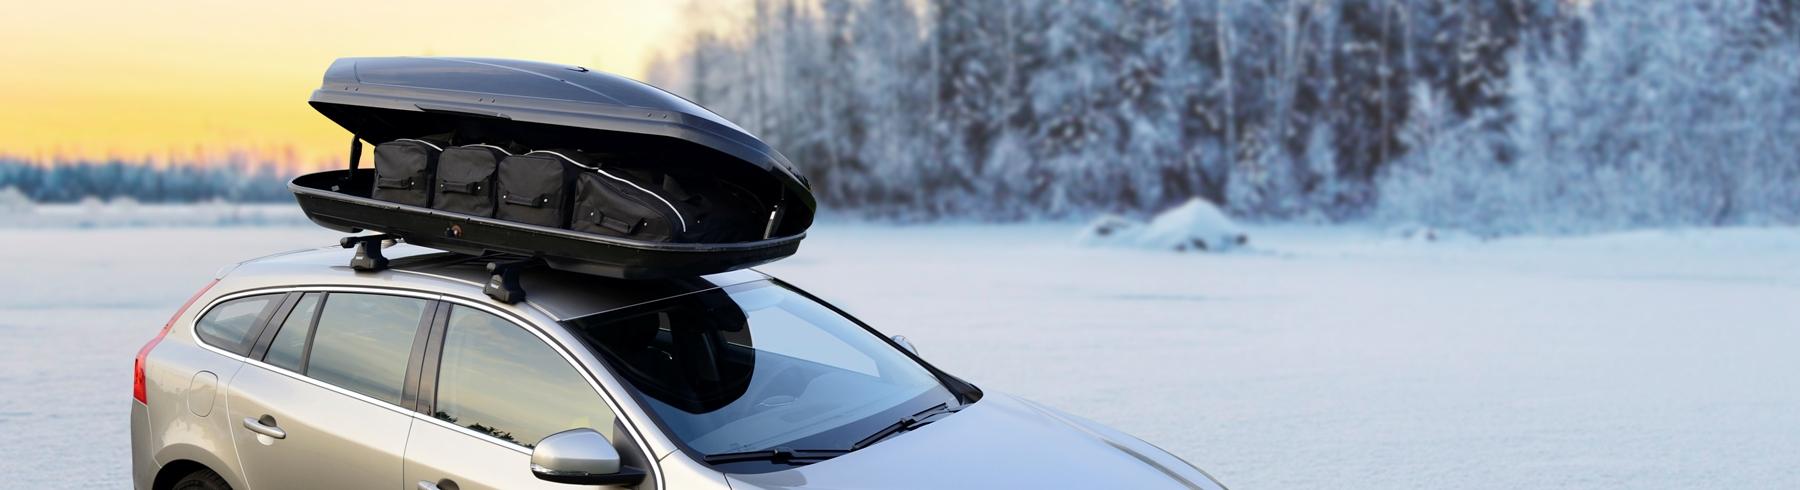 car-bags-dakboxtassen-winter